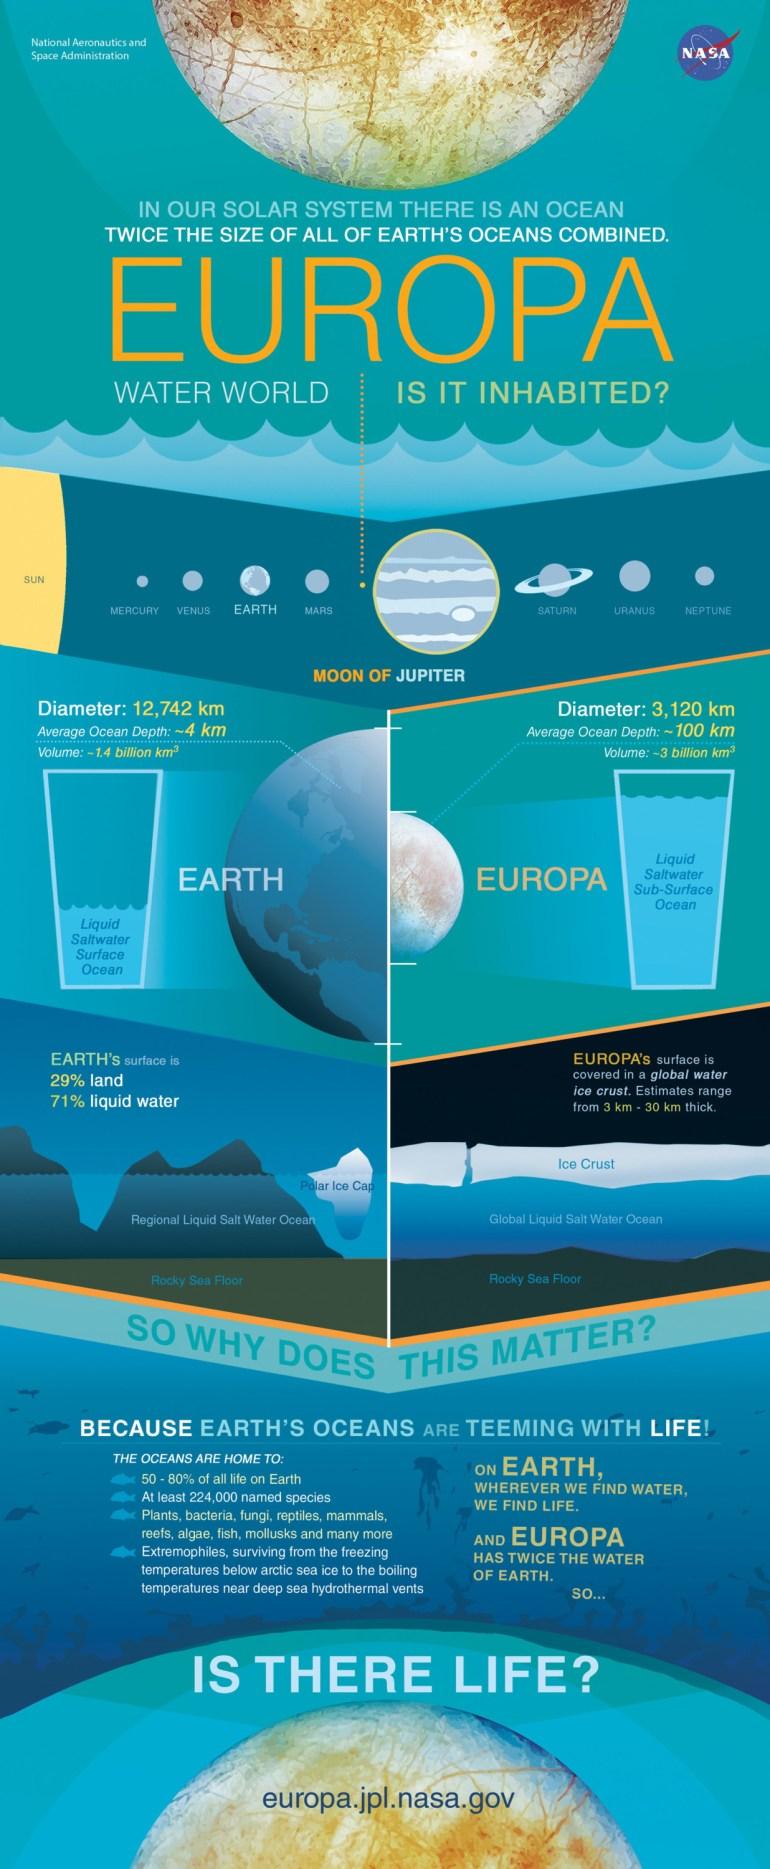 NASA утвердило межпланетную миссию Europa Clipper, в рамках которой астрономы планируют исследовать ледяную кору и подповерхностный океан Европы (спутника Юпитера)